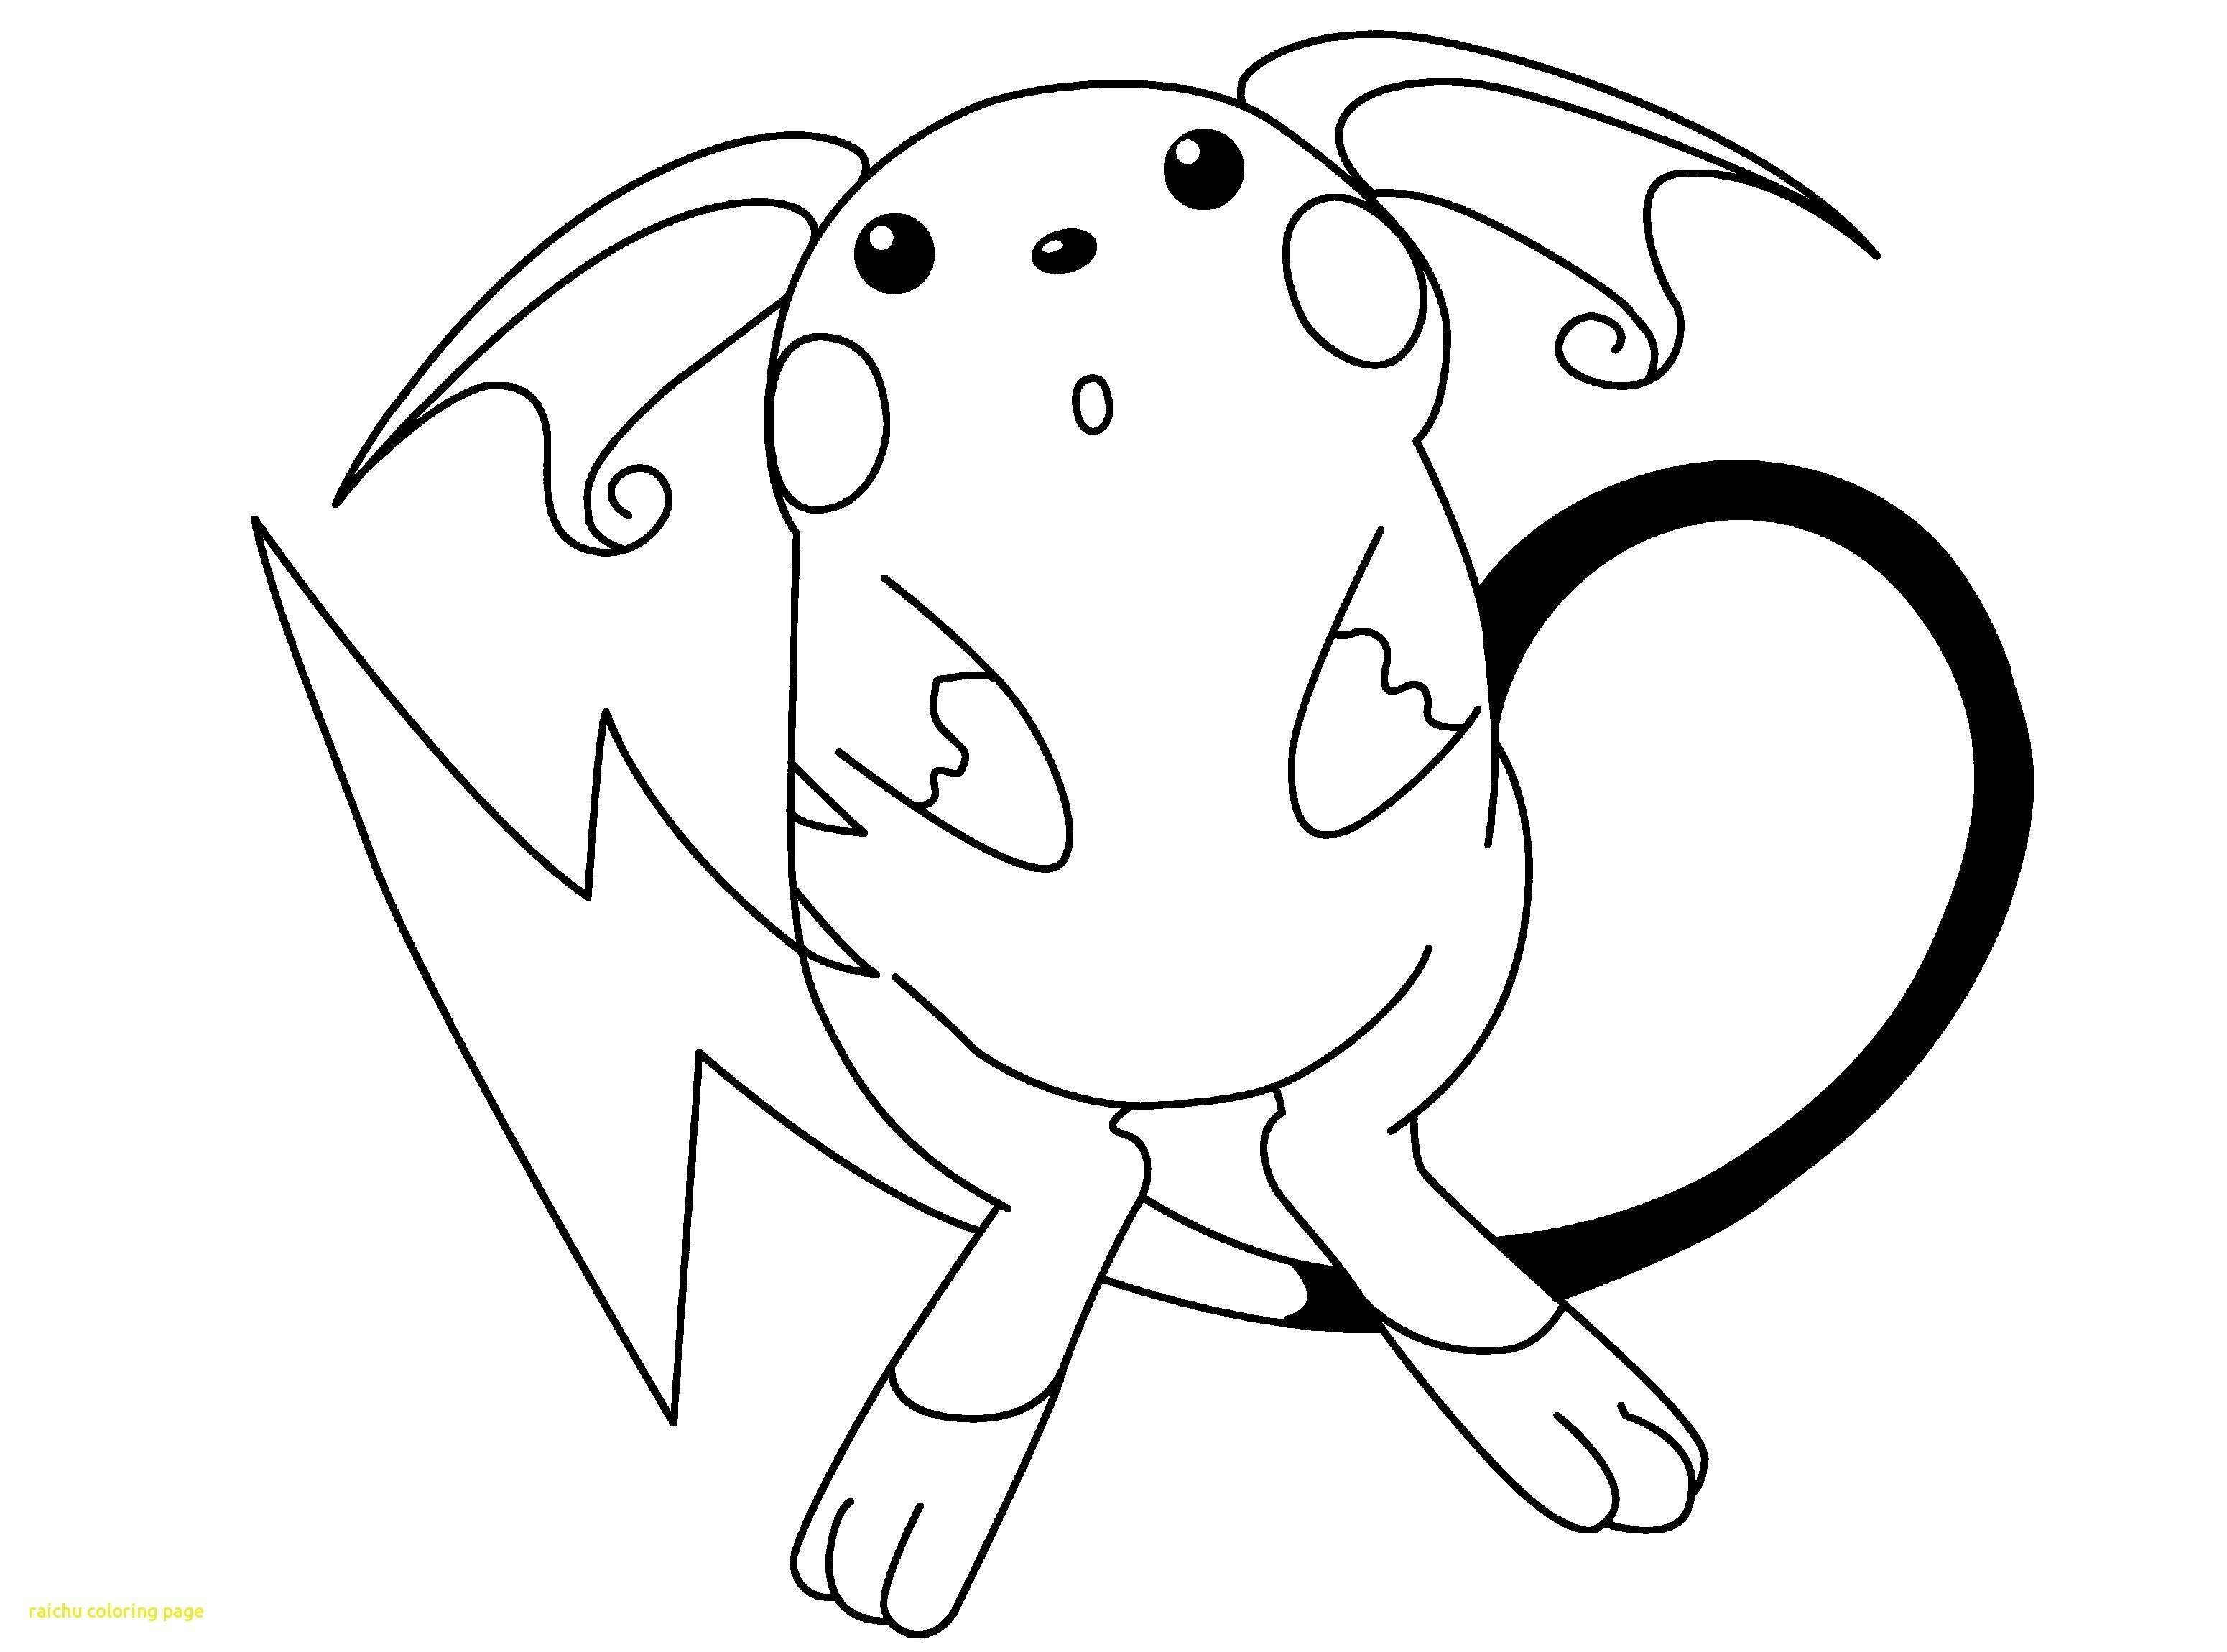 Ausmalbilder Pokemon Raichu Neu Raichu Coloring Page Stock